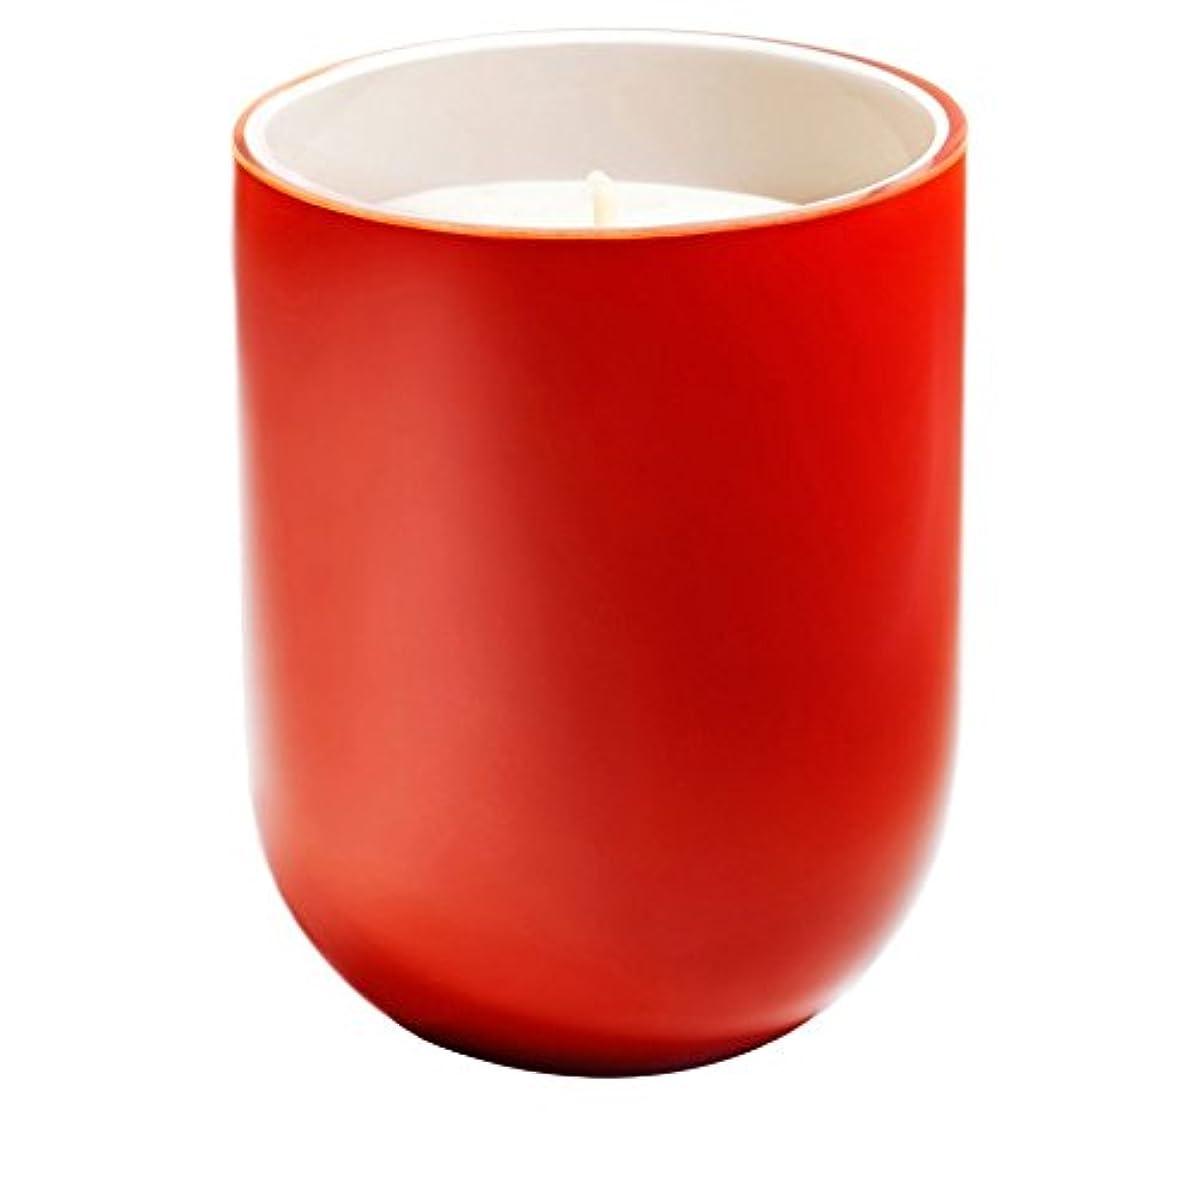 統合より平らな能力フレデリック?マルロシアの夜香りのキャンドル x6 - Frederic Malle Russian Night Scented Candle (Pack of 6) [並行輸入品]